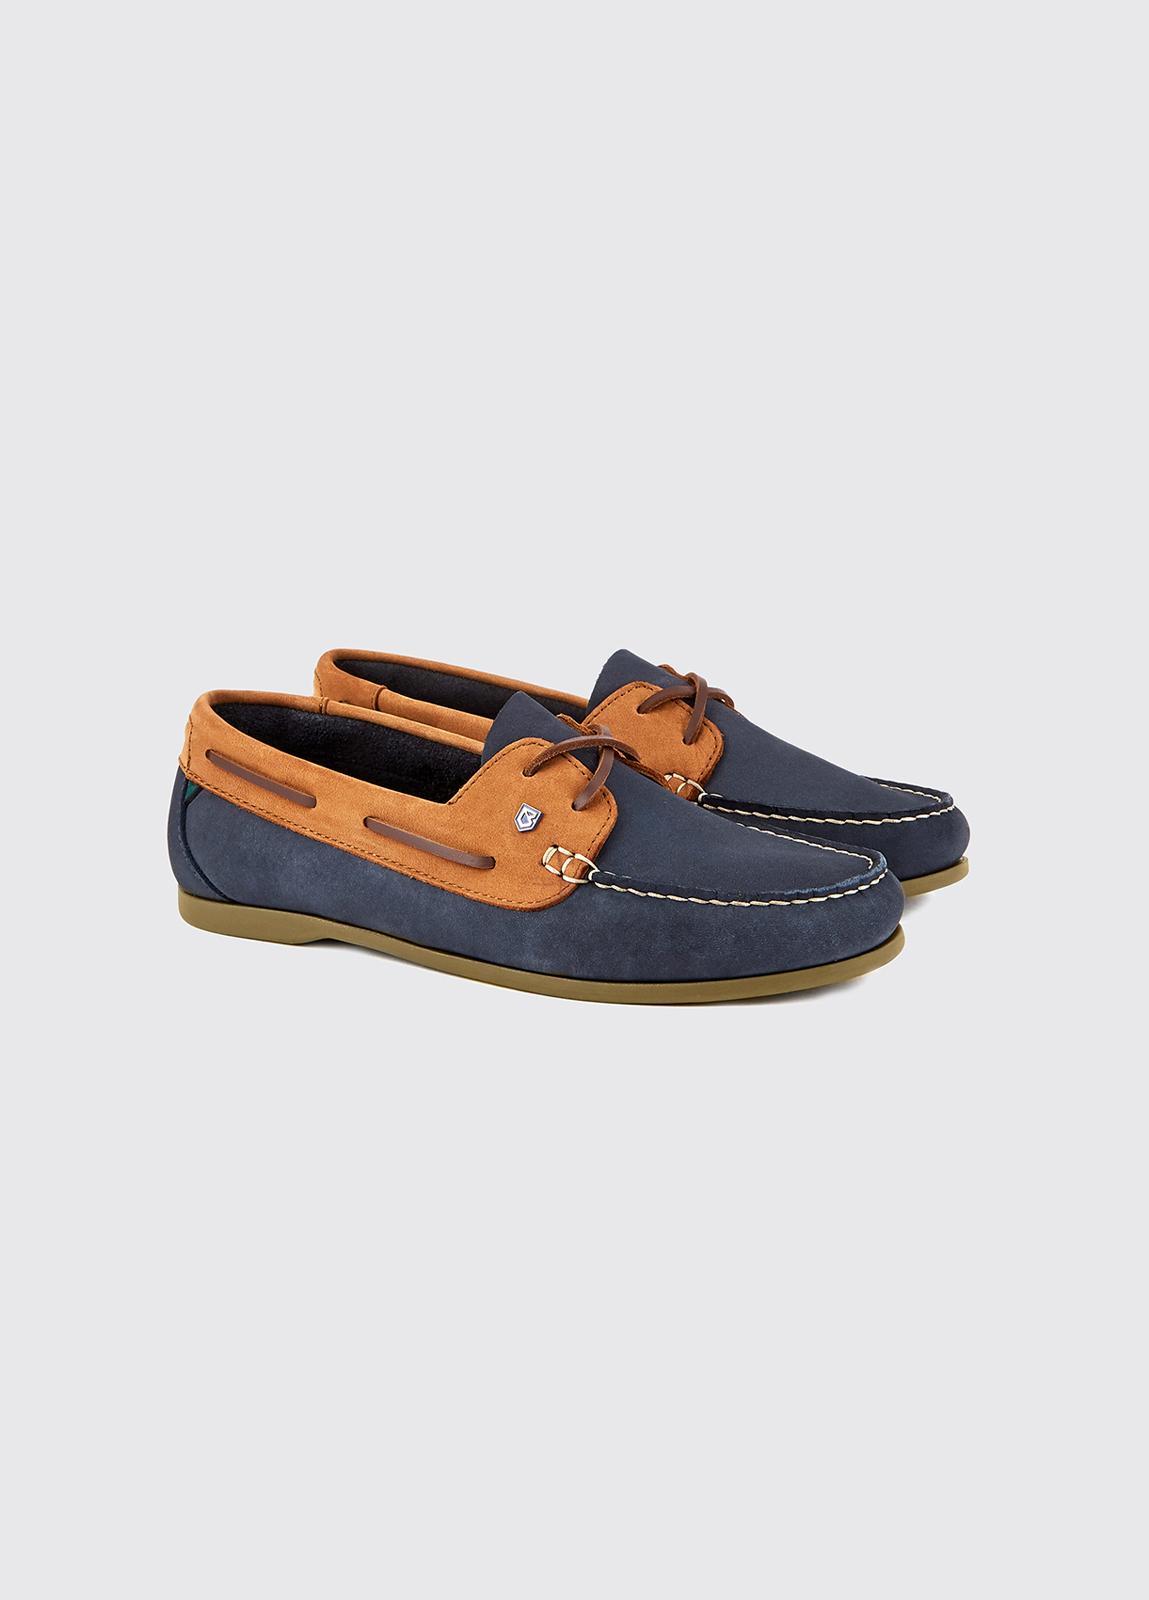 Aruba Deck Shoe - Denim/Tan